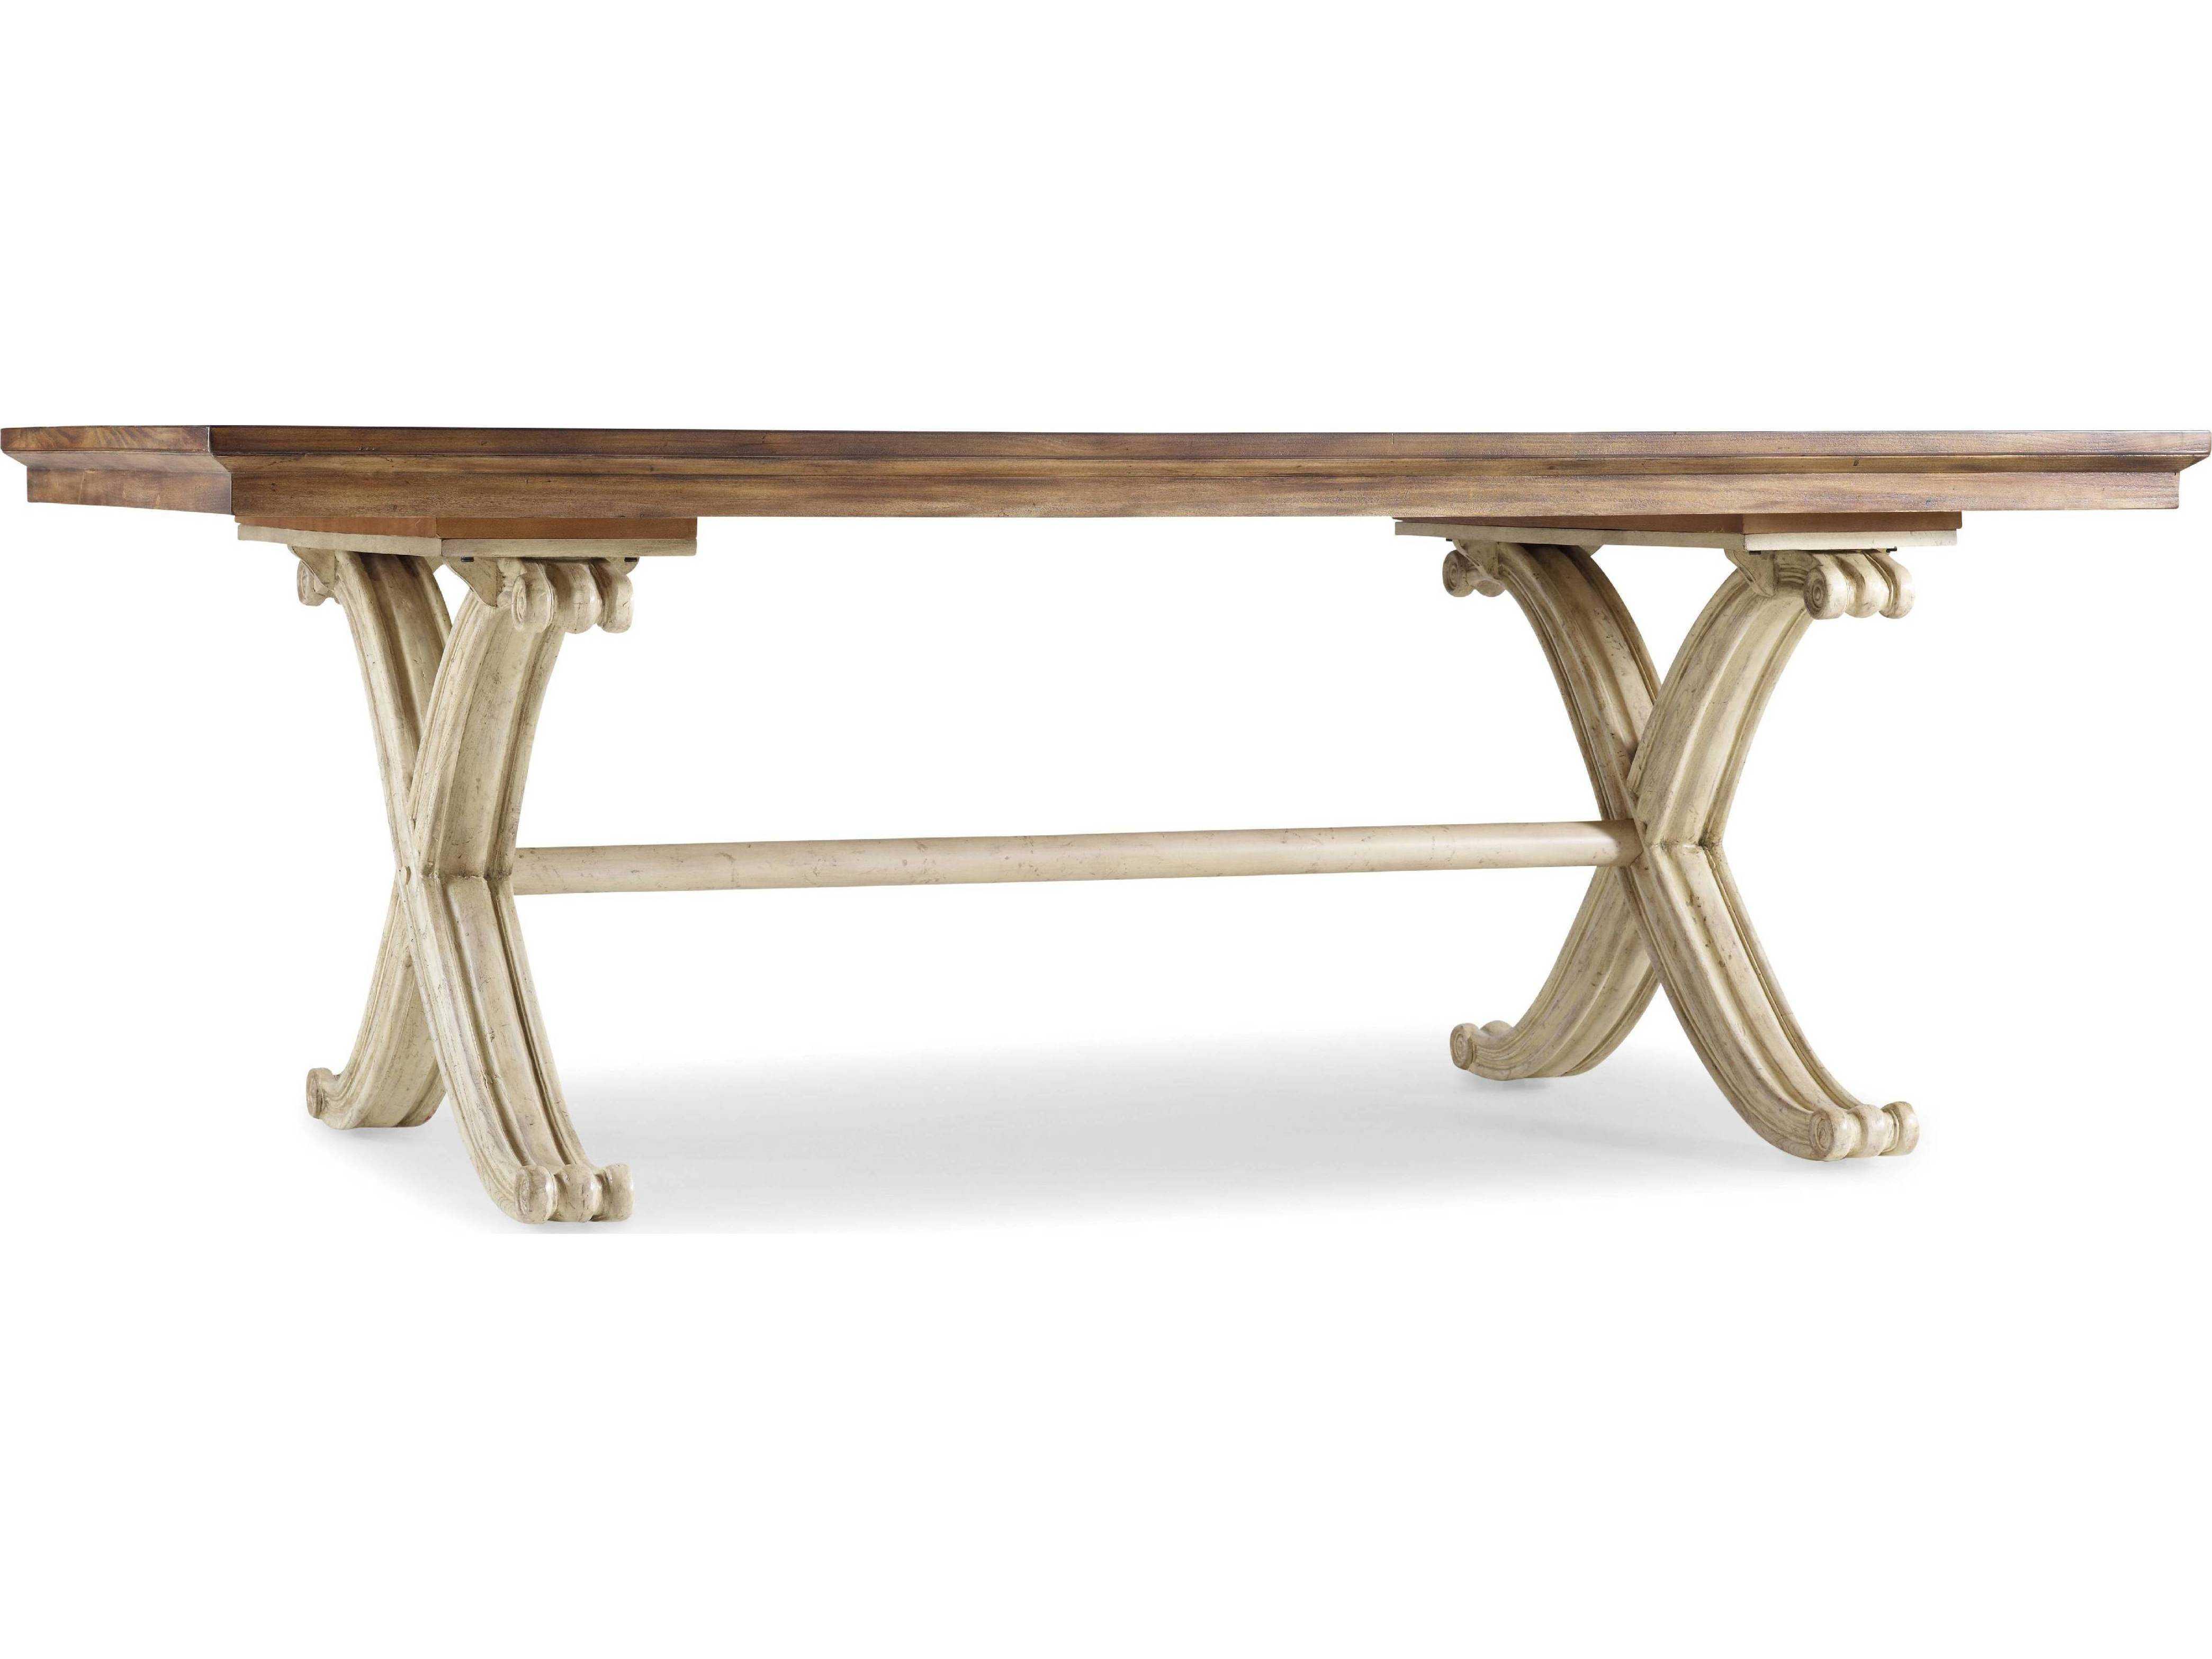 hooker furniture sanctuary dune amber sands 82 39 39 l x 42 39 39 w rectangular dining table hoo300275206. Black Bedroom Furniture Sets. Home Design Ideas